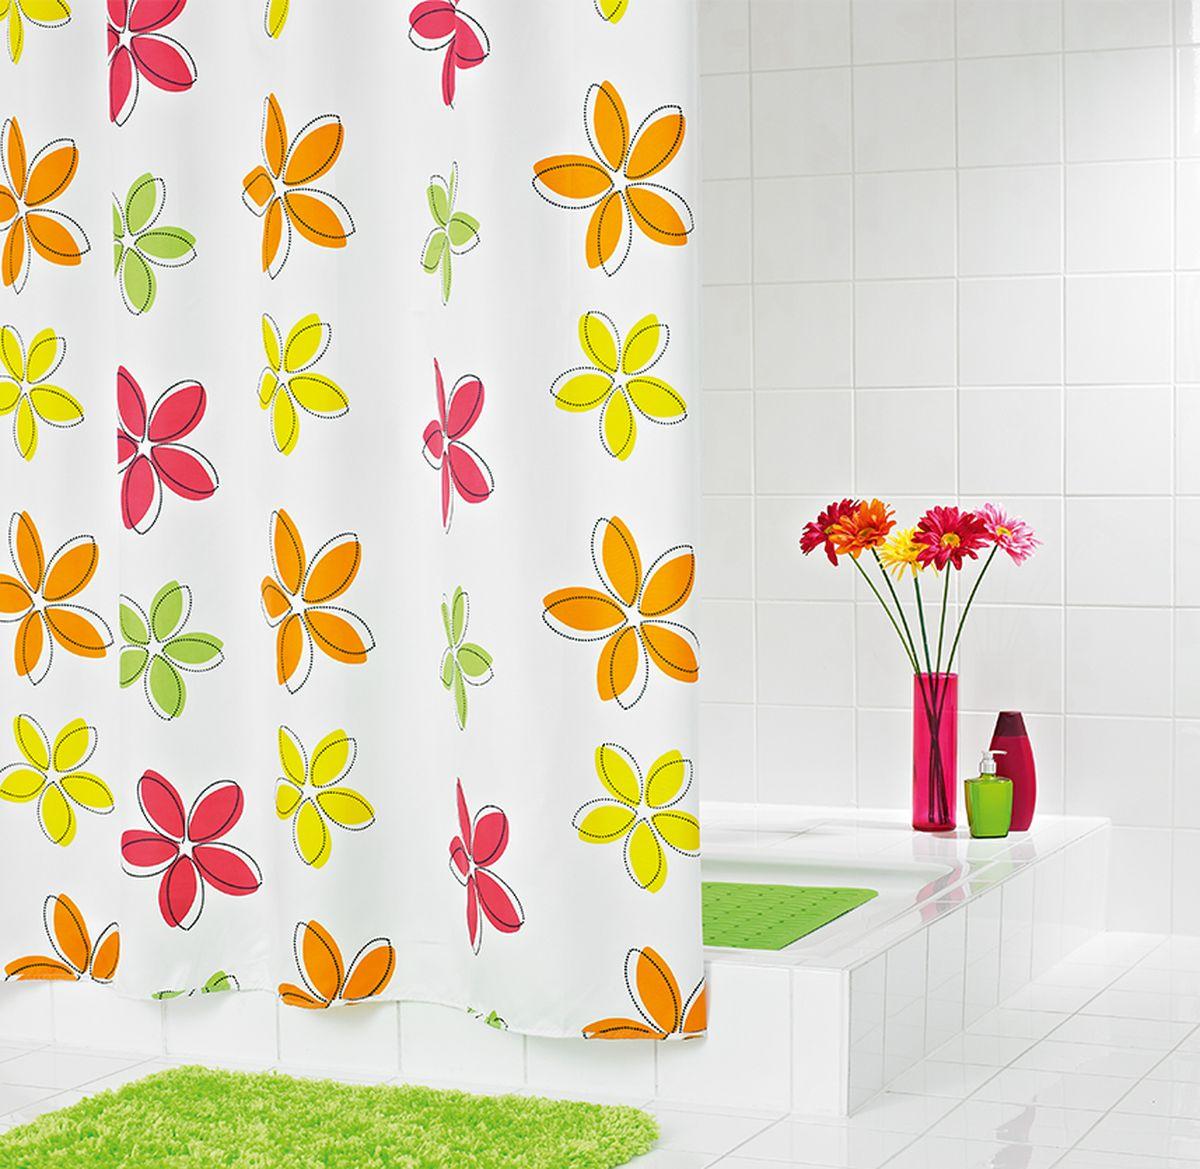 Штора для ванной комнаты Ridder Fleur, 180 х 200 см шторы для ванной ridder штора для ванных комнат fleur оранжевый 180 200